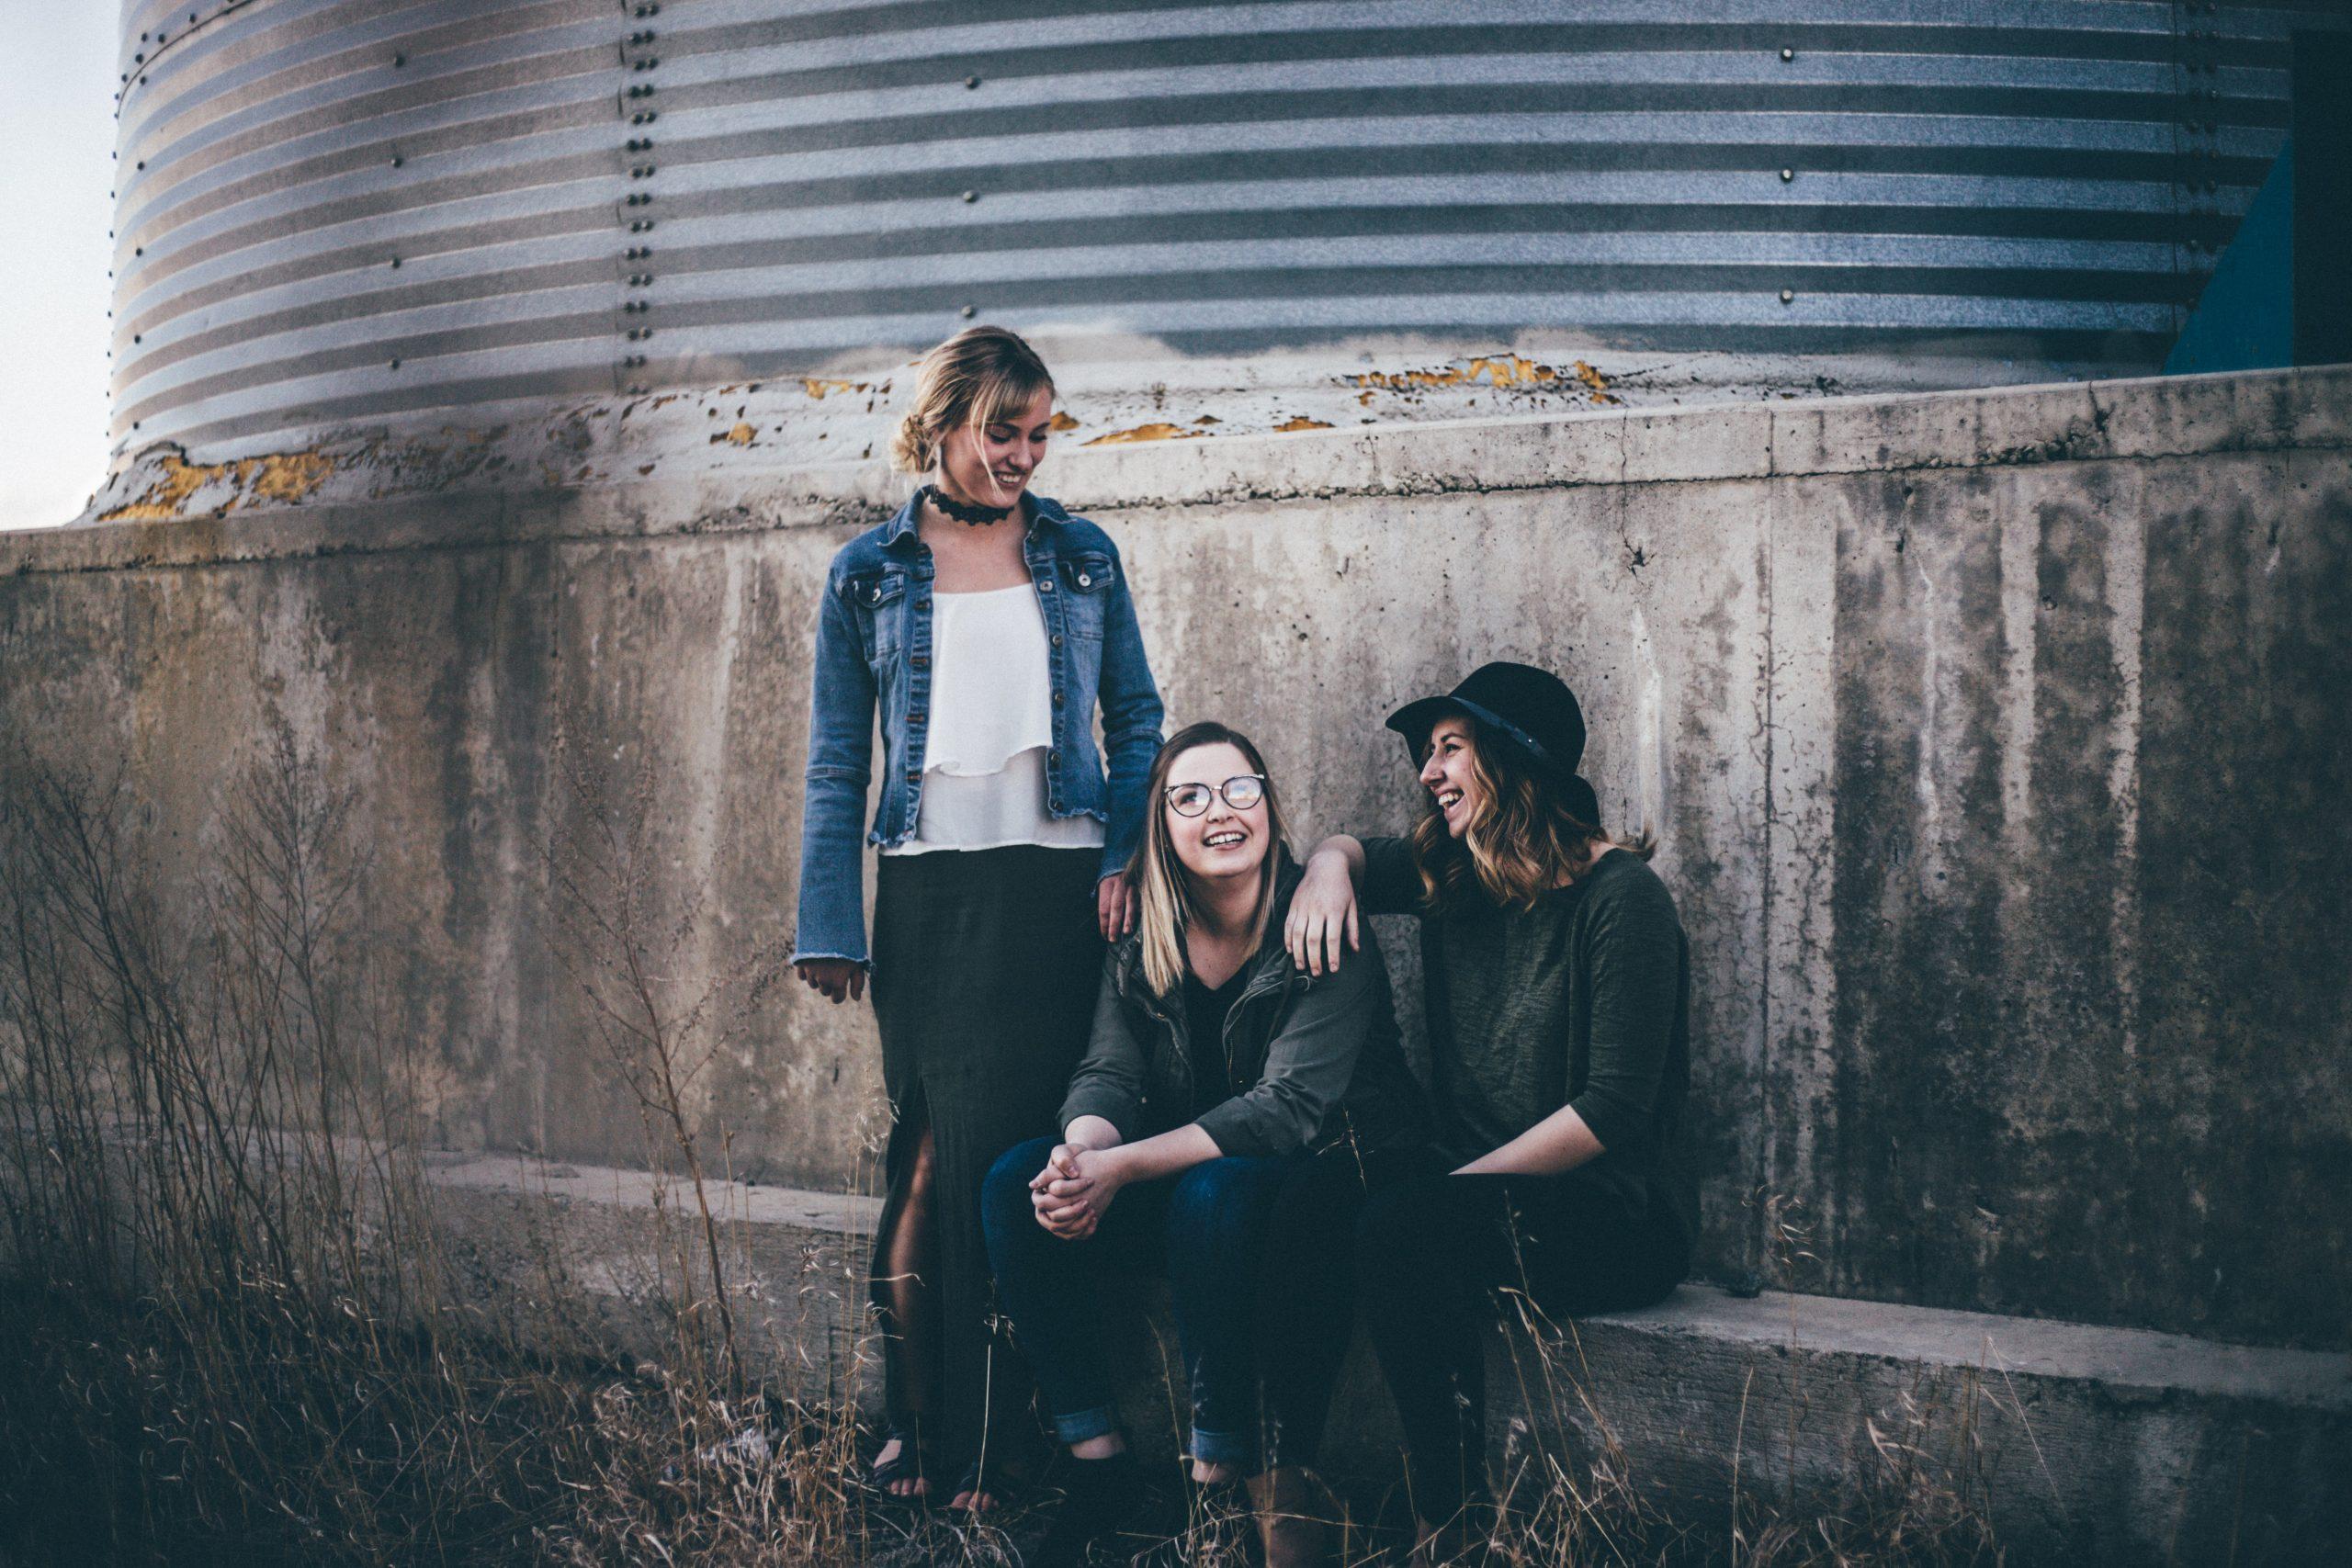 Gratis hjælp på vej: GirlTalk vil booste unge kvinders selvværd